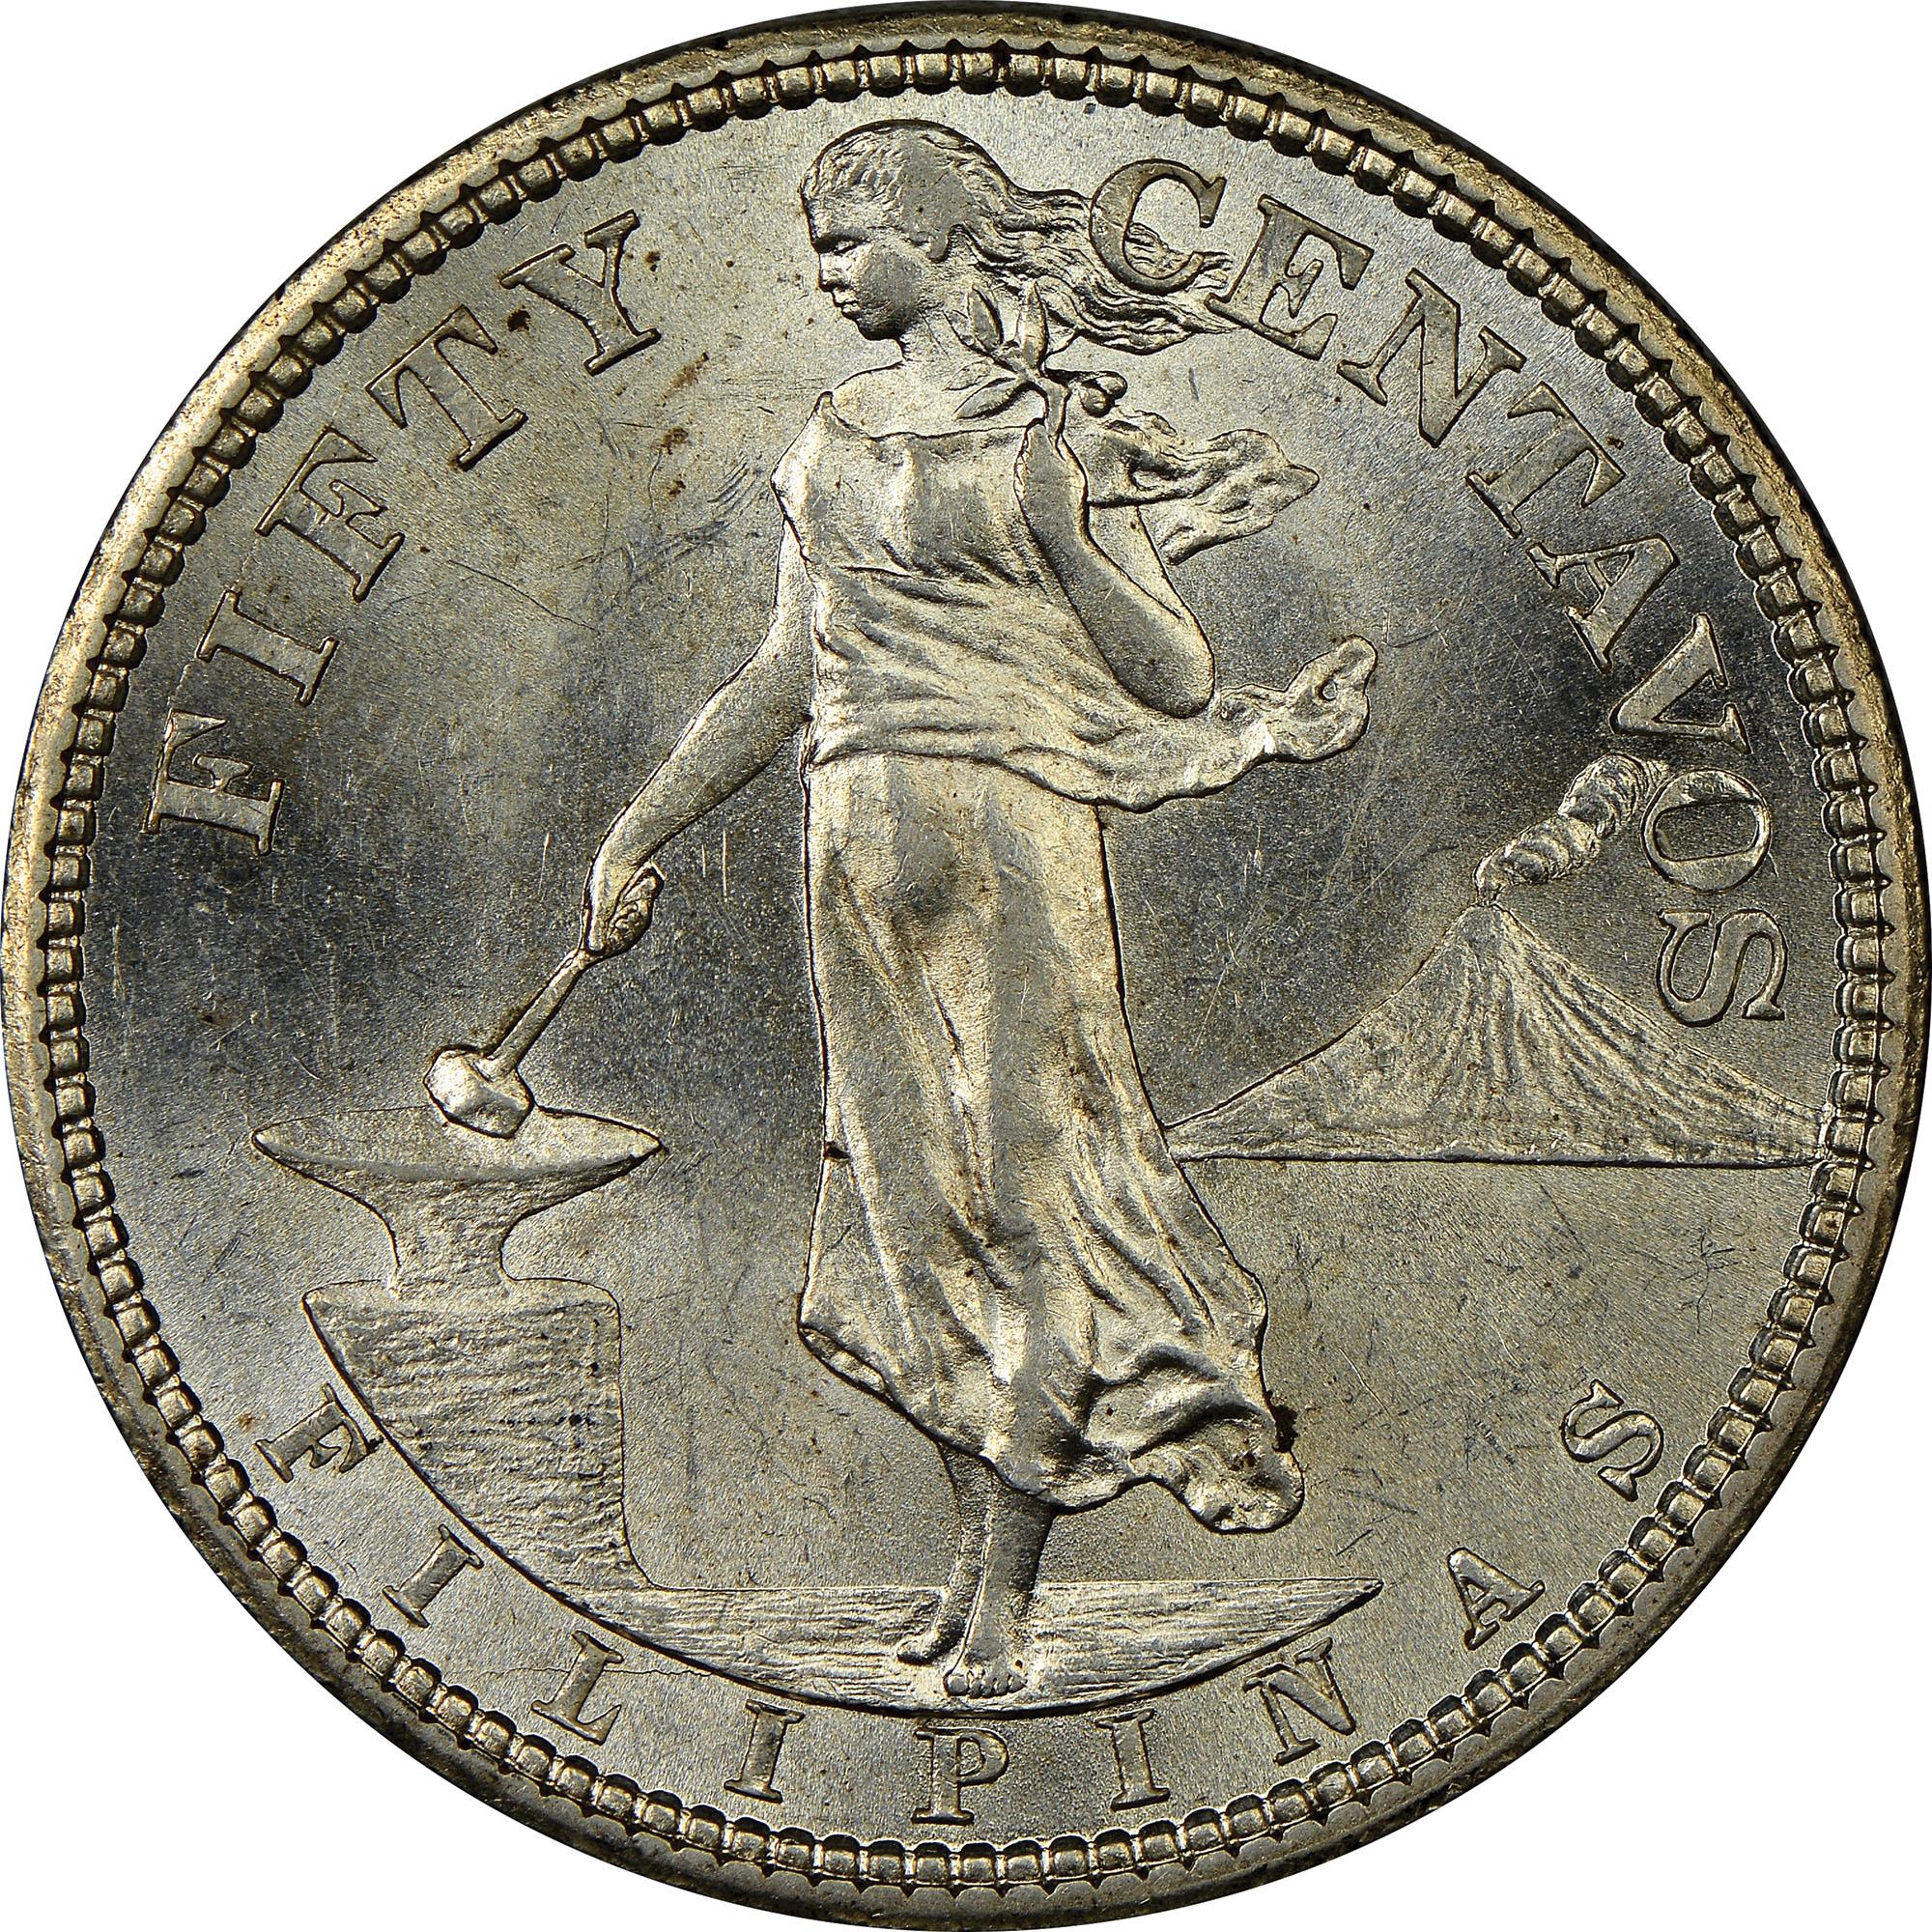 1921 PHILIPPINES 50 Centavos